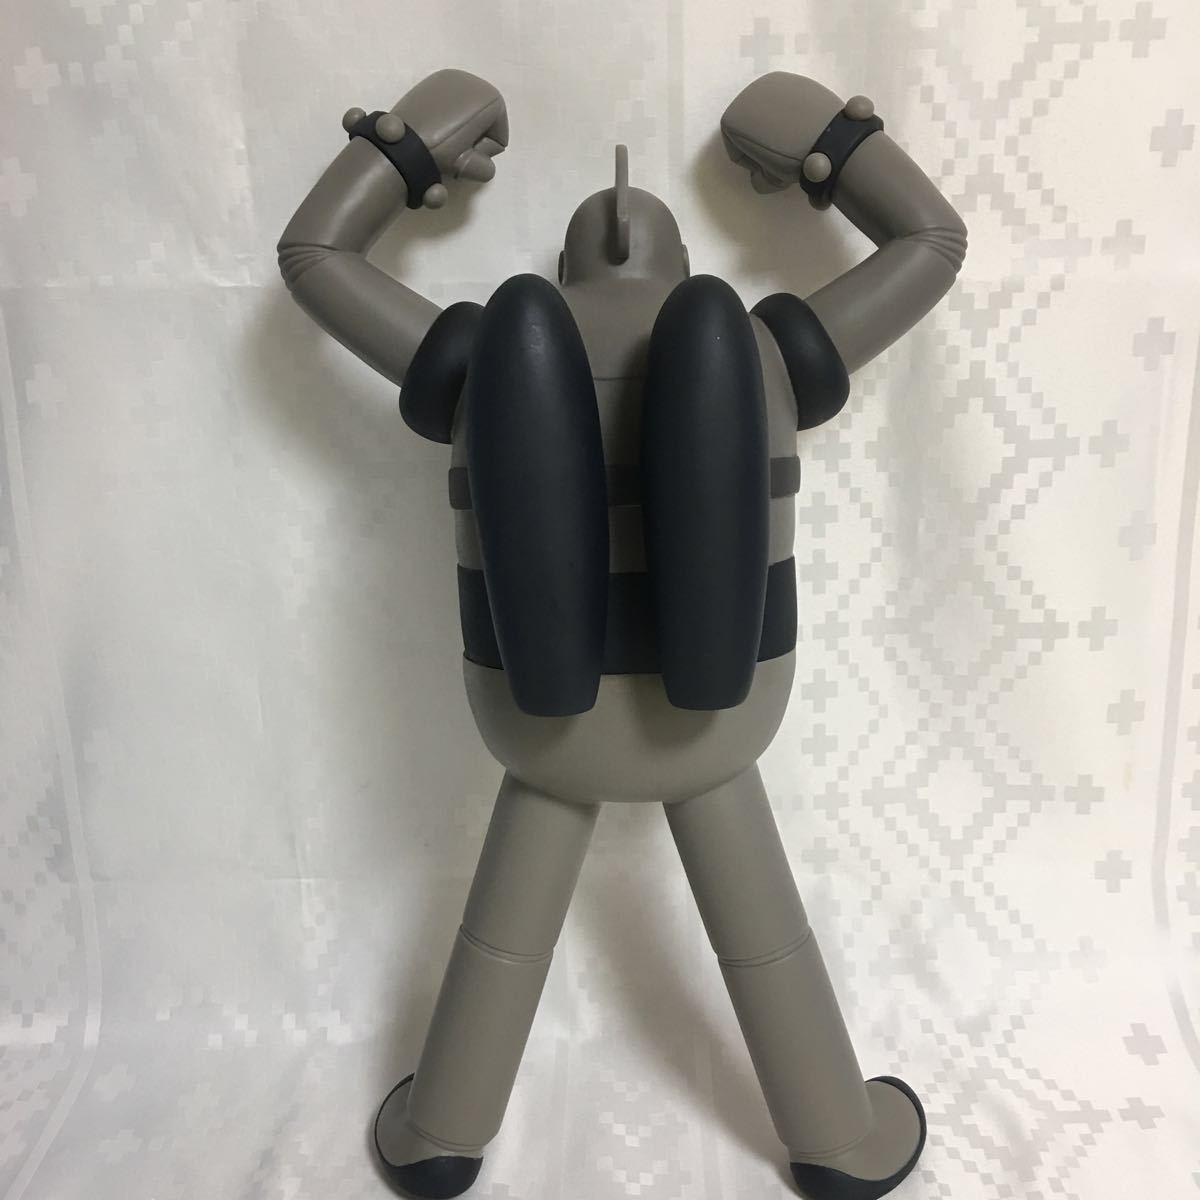 タカラ : エイケン作画用モデル レプリカ メガスケール 鉄人28号 トイザらス限定 モノクロ オリジナル版! _画像5